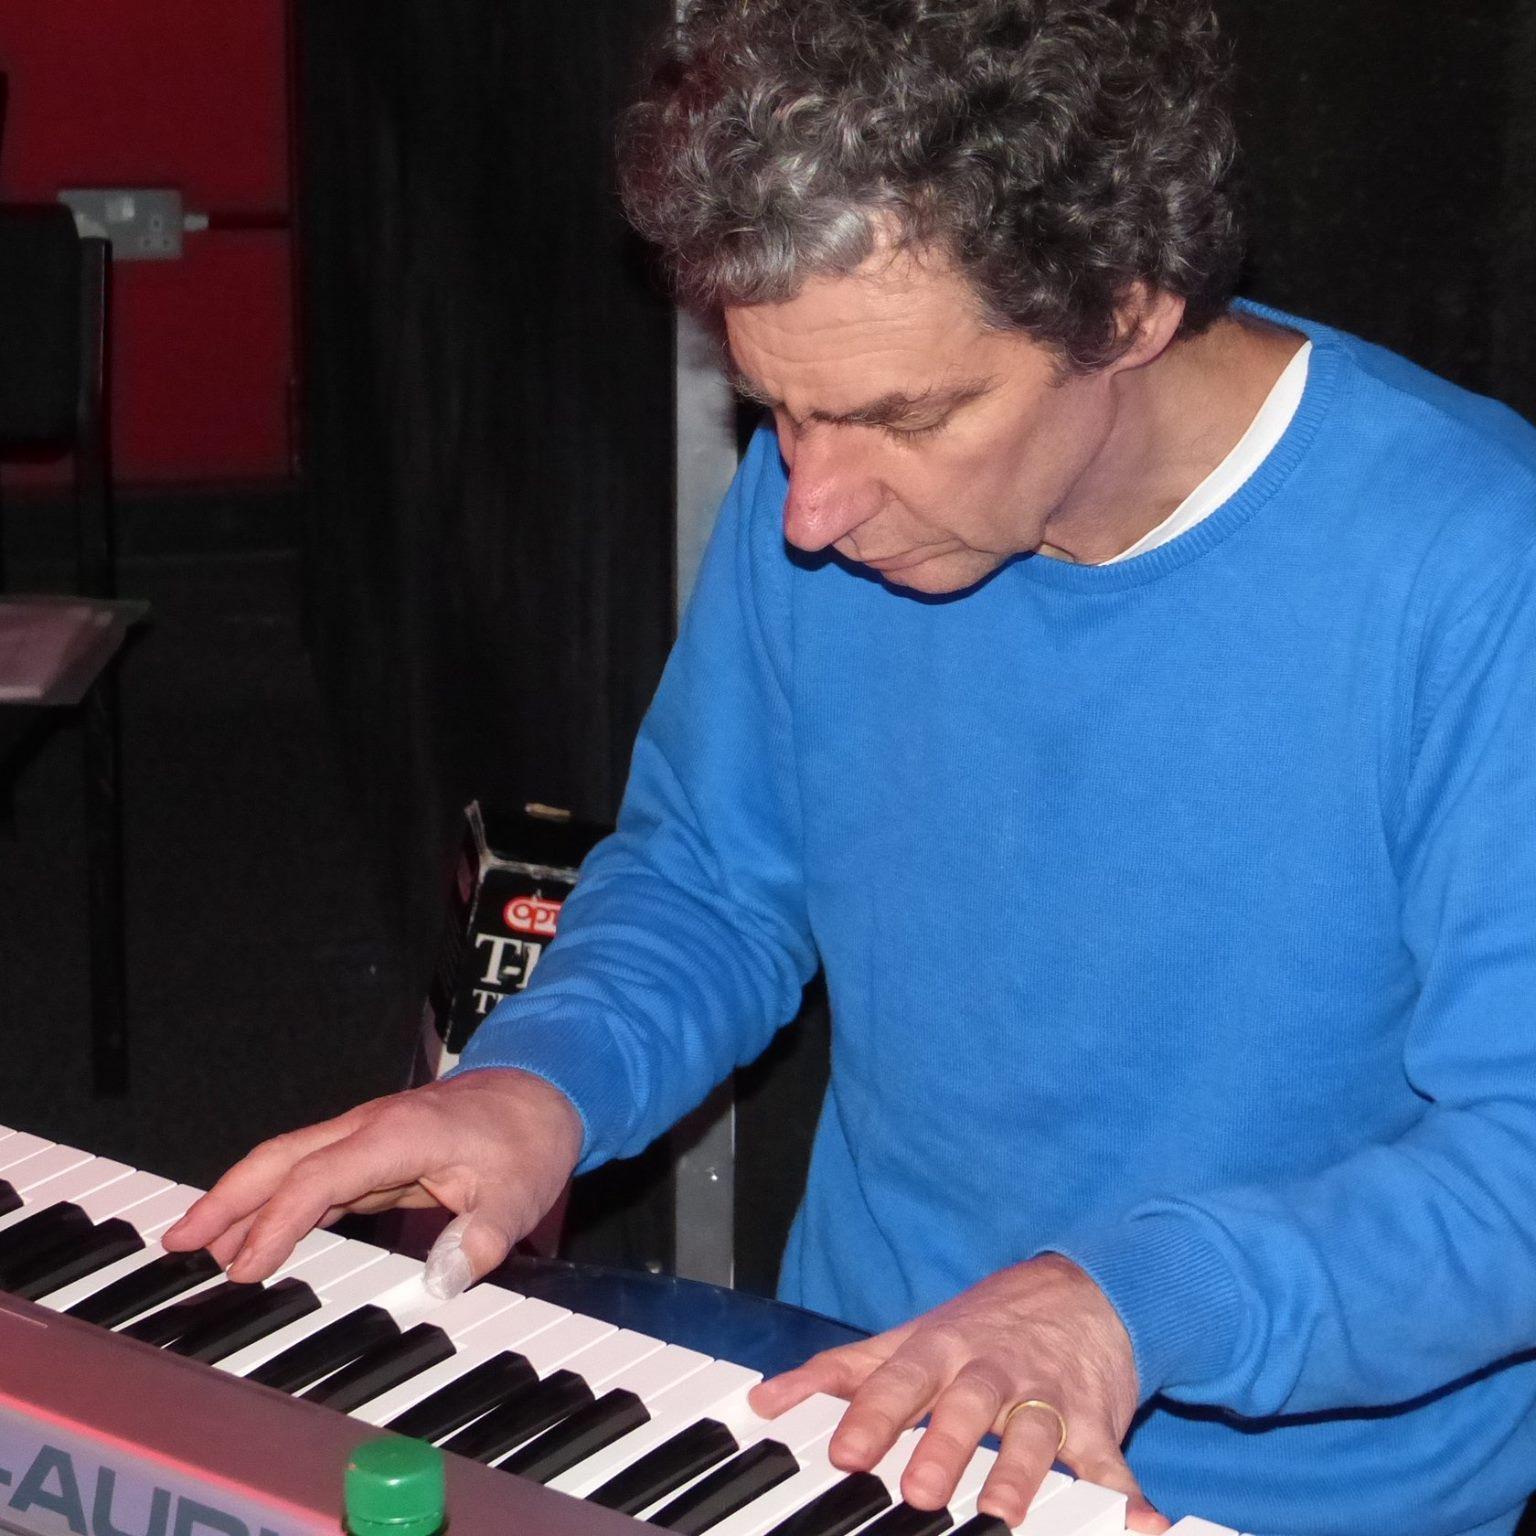 Bern at the piano